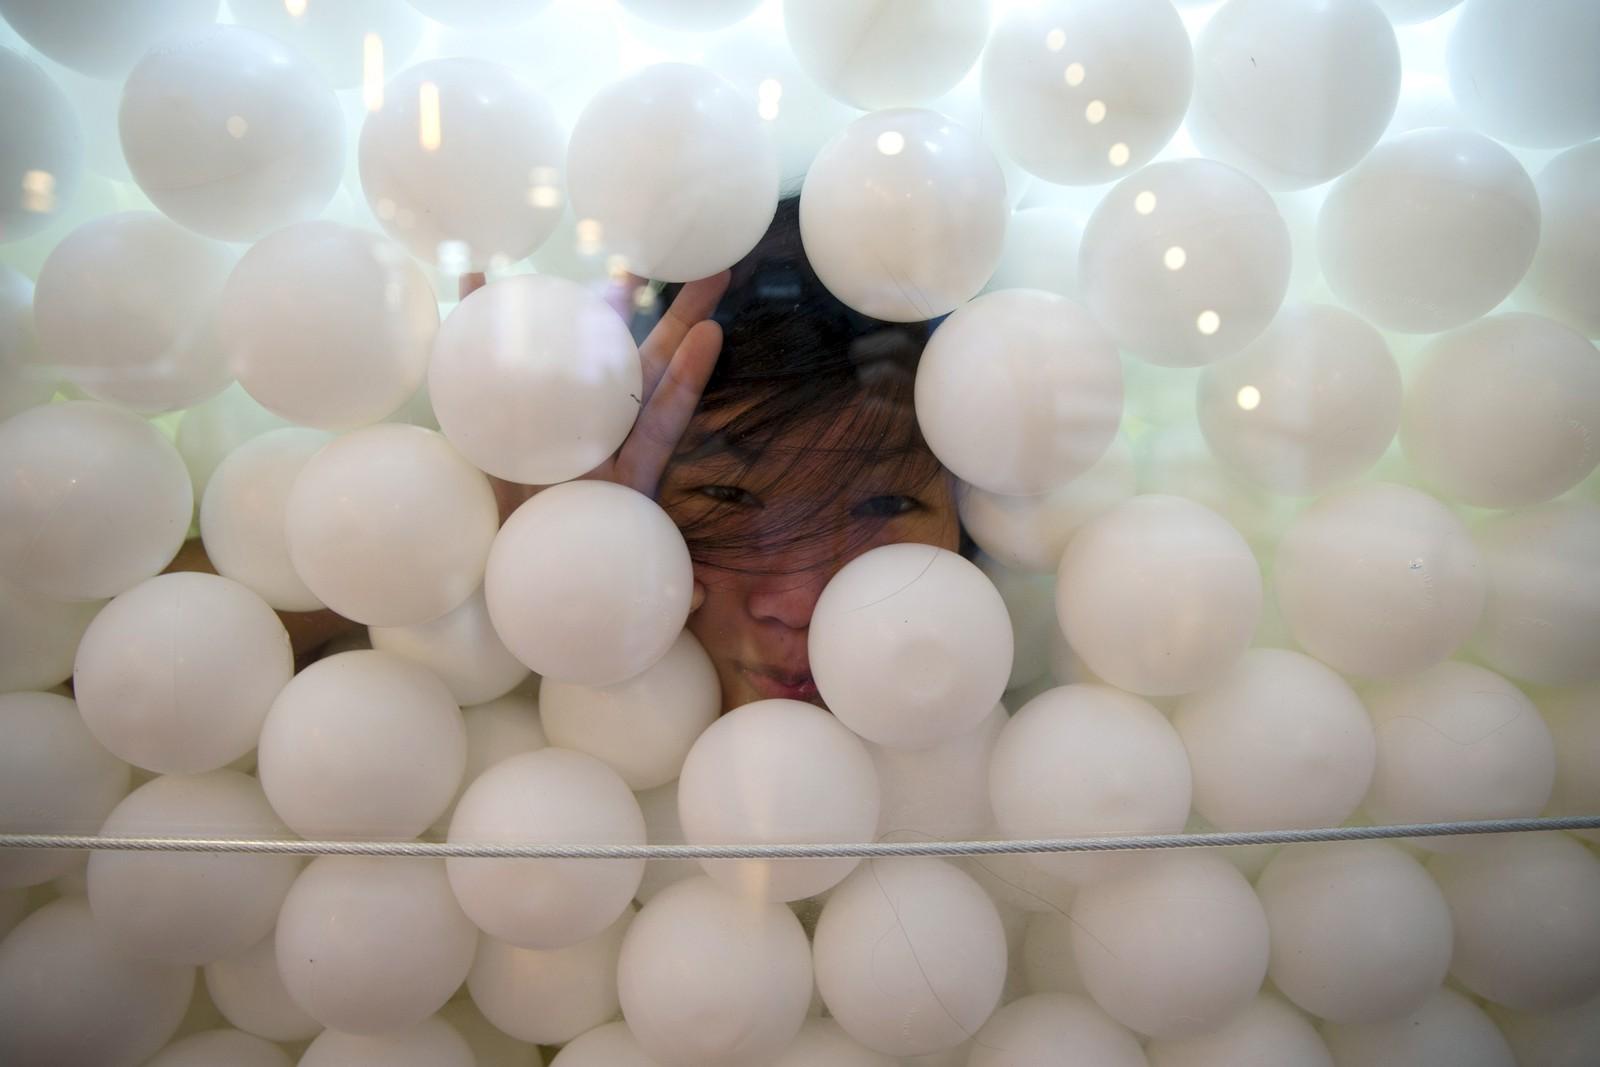 """En kvinne titter ut av installasjonen """"JumpIn!""""; en ballbinge bestående av 81.000 hvite baller. Kunstprosjektet, som visstnok skal frambringe kreativitet, er åpent for publikum i New York fram til 21. september."""